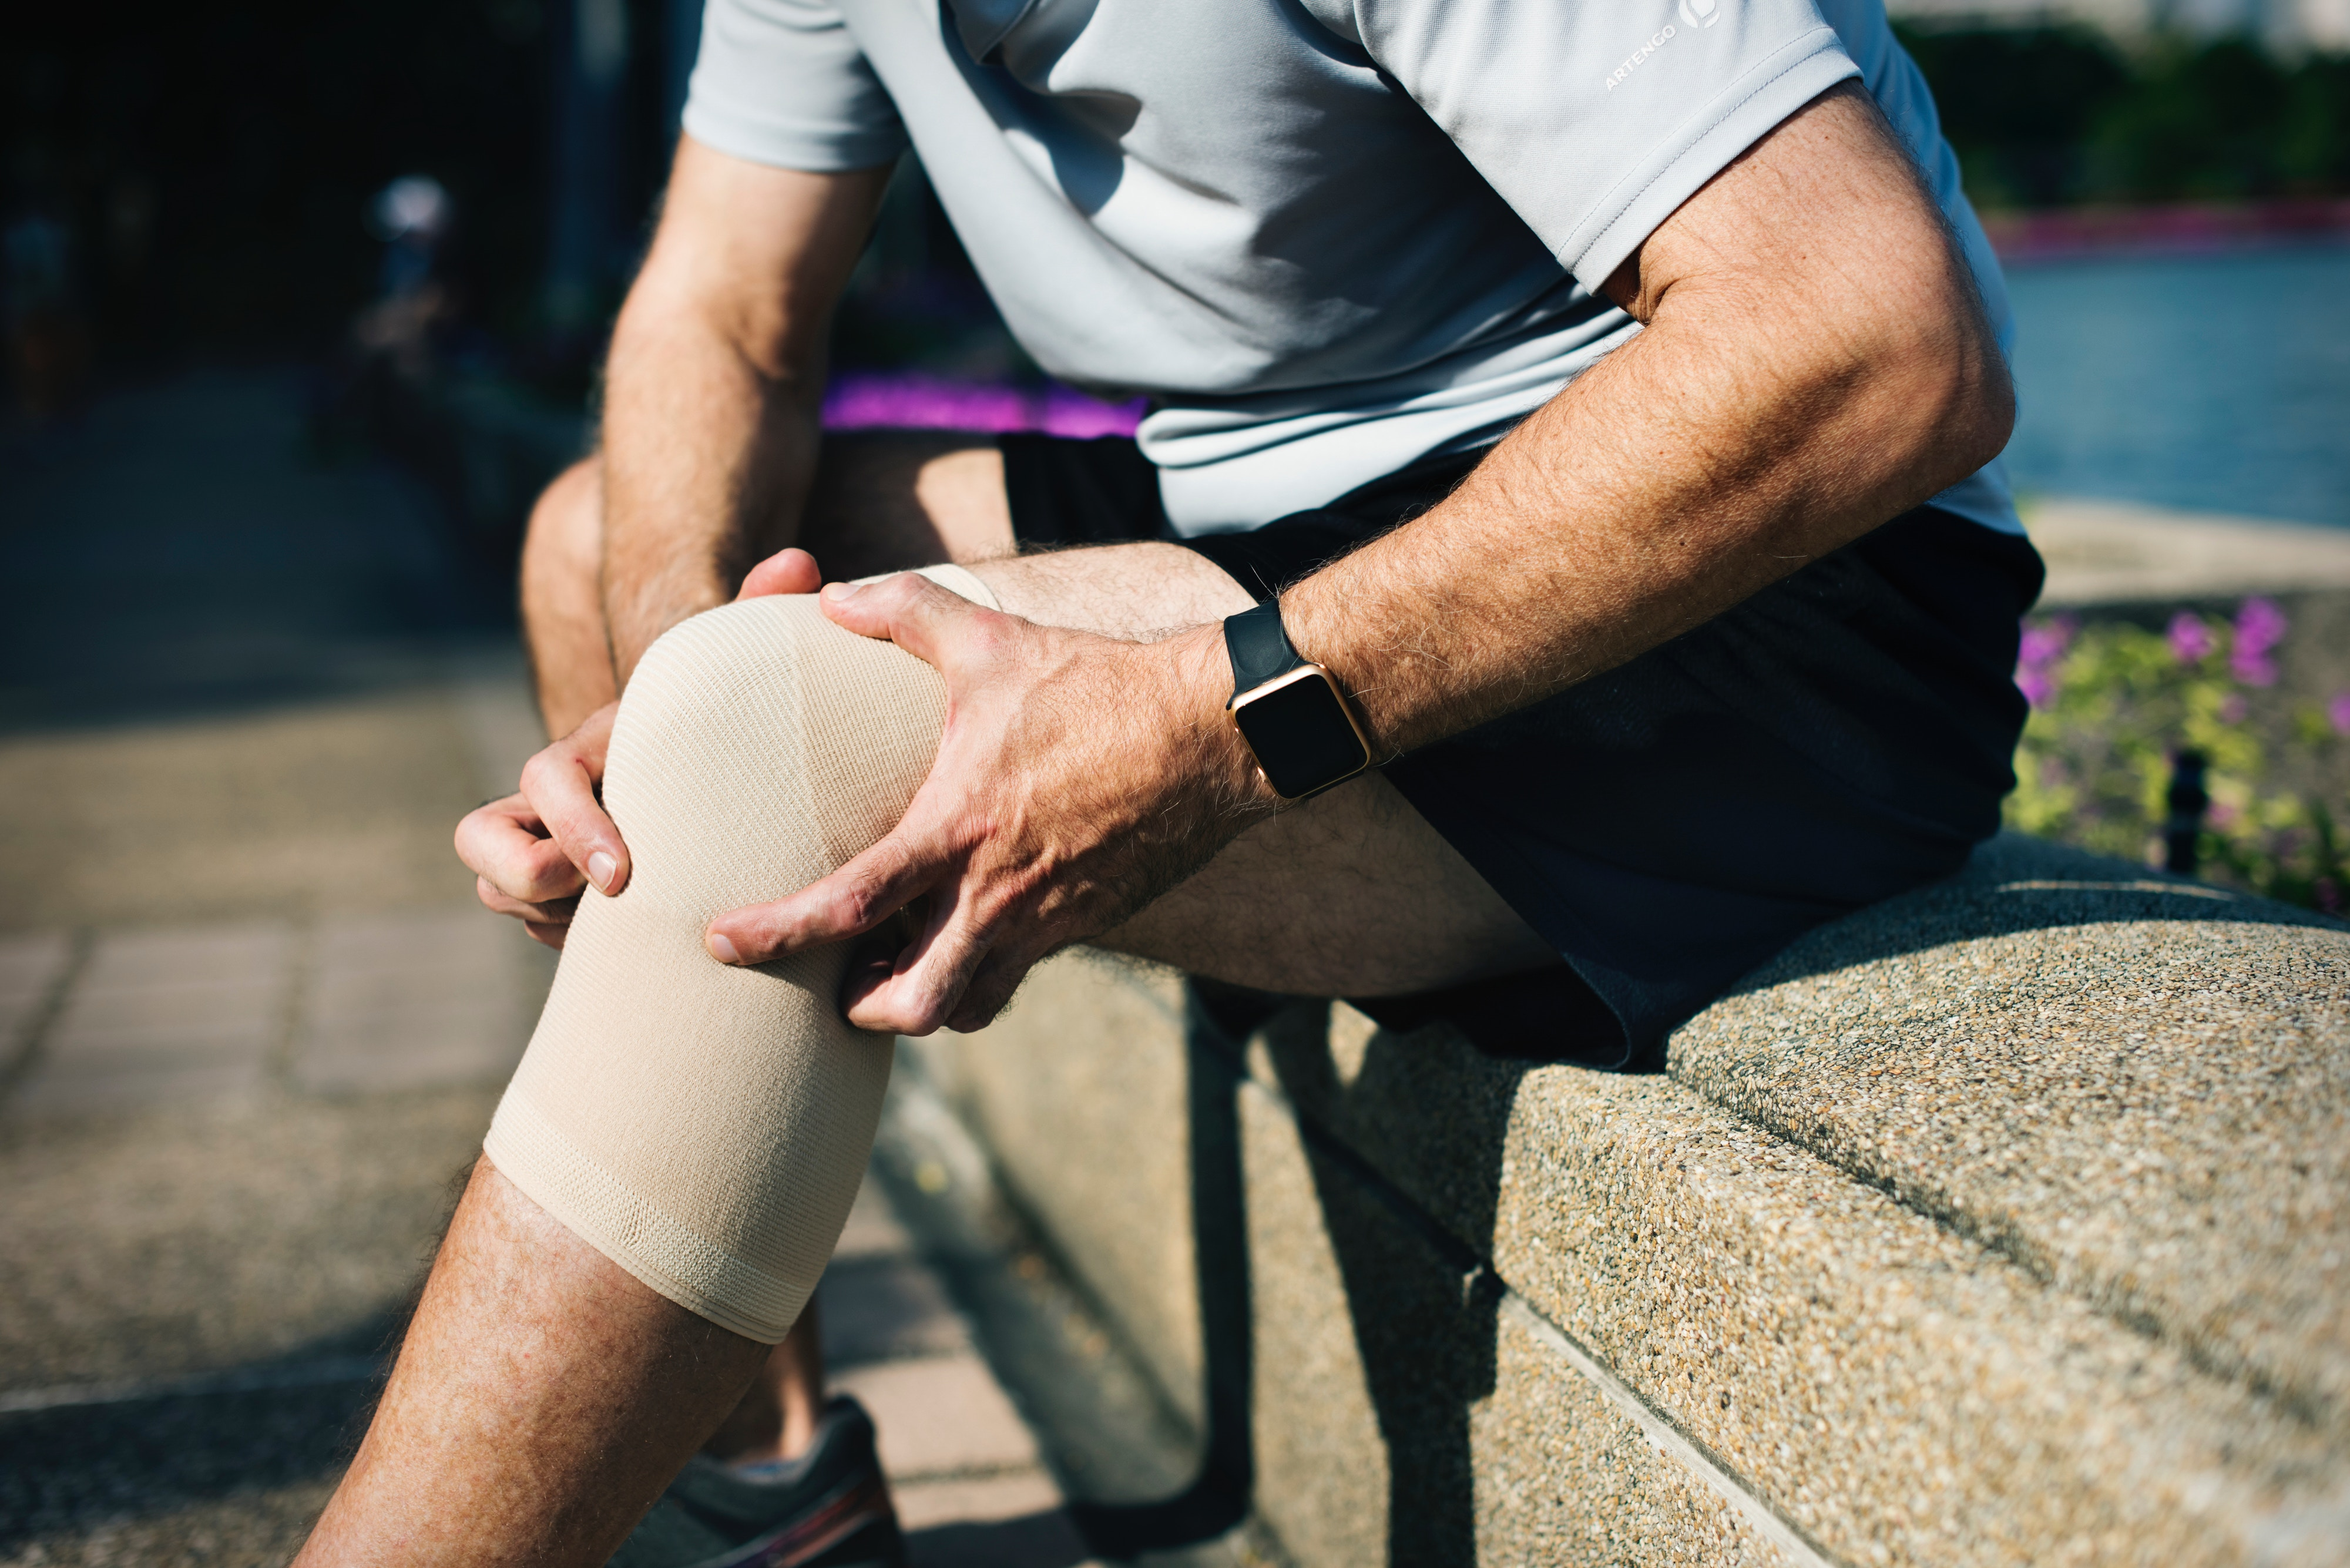 Man holds his bandaged knee